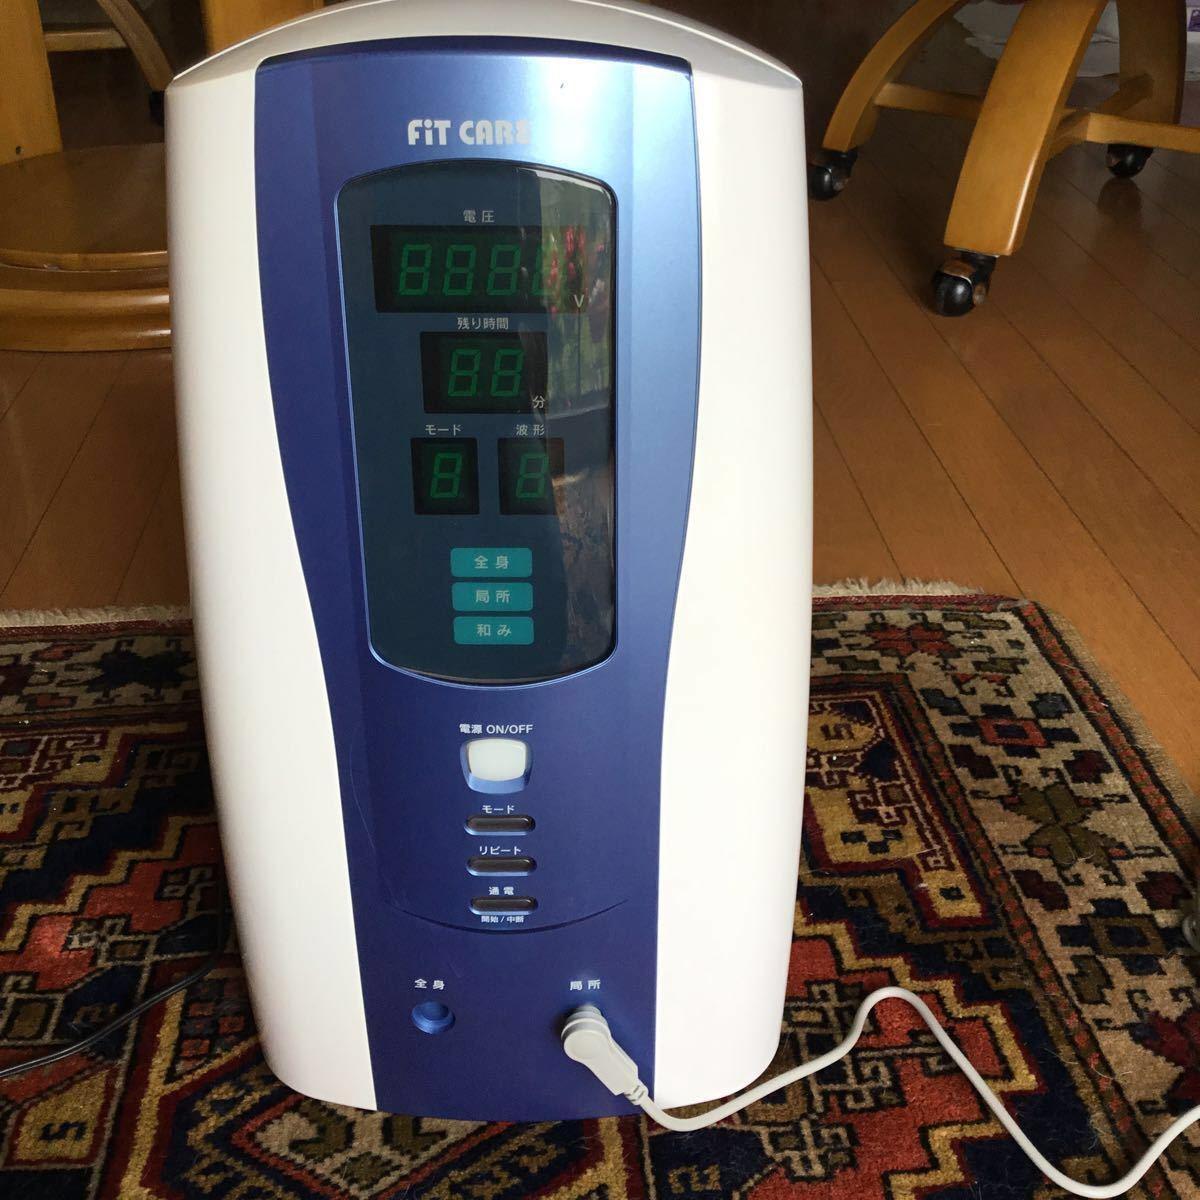 電磁治療器 フィットケア 定価58万円 局所電子ペン付き